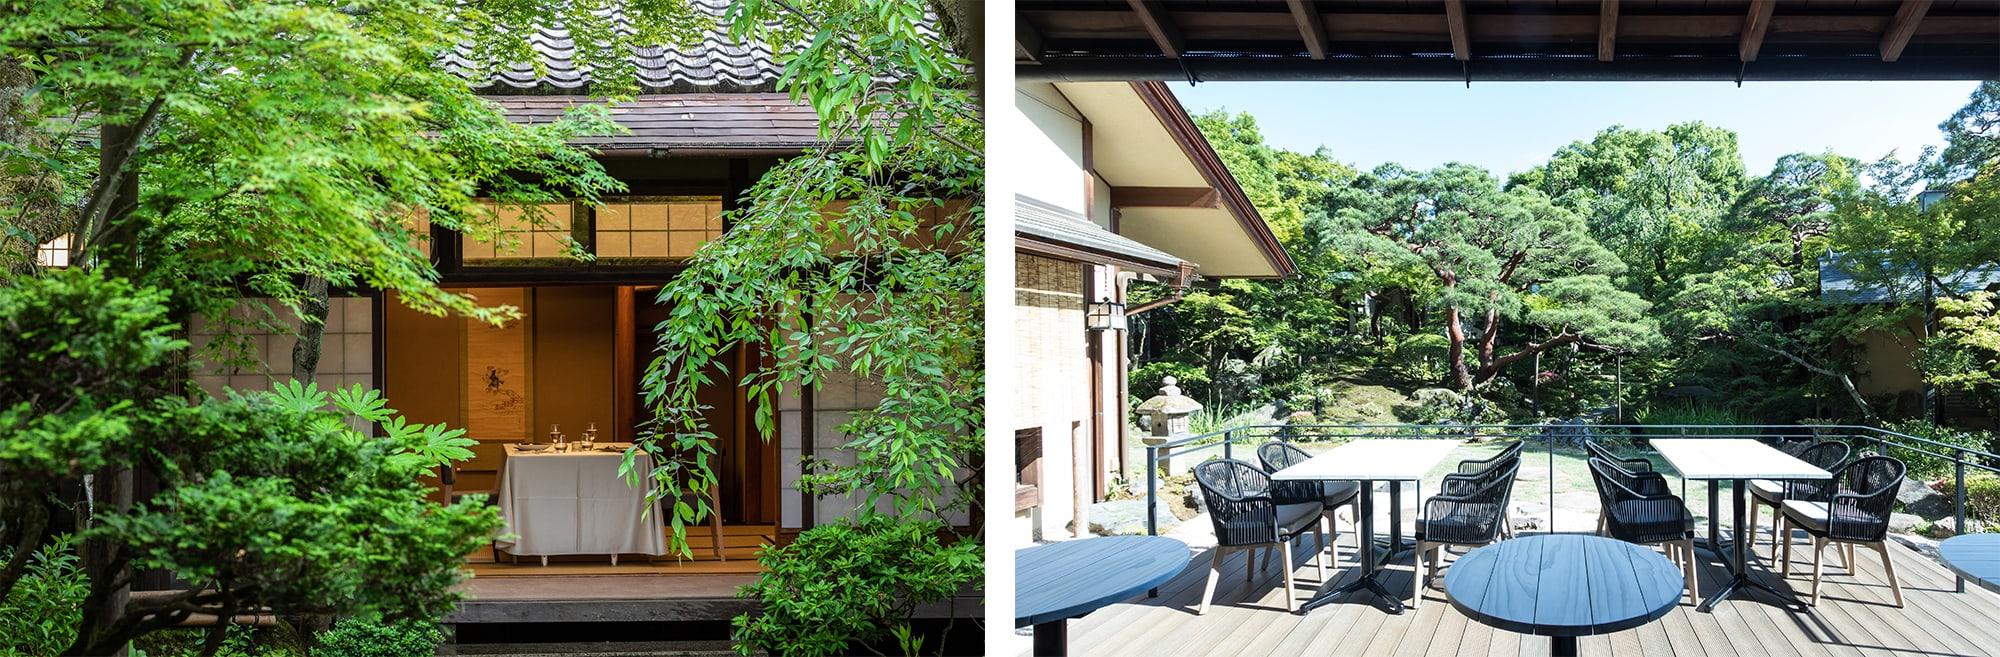 左から、離れ「さくら」ではシャンパン付きの特別なアフタヌーンティーも用意。右、レストランのテラスからは樹齢200年の赤松を中心に四季の景色を楽しめる。